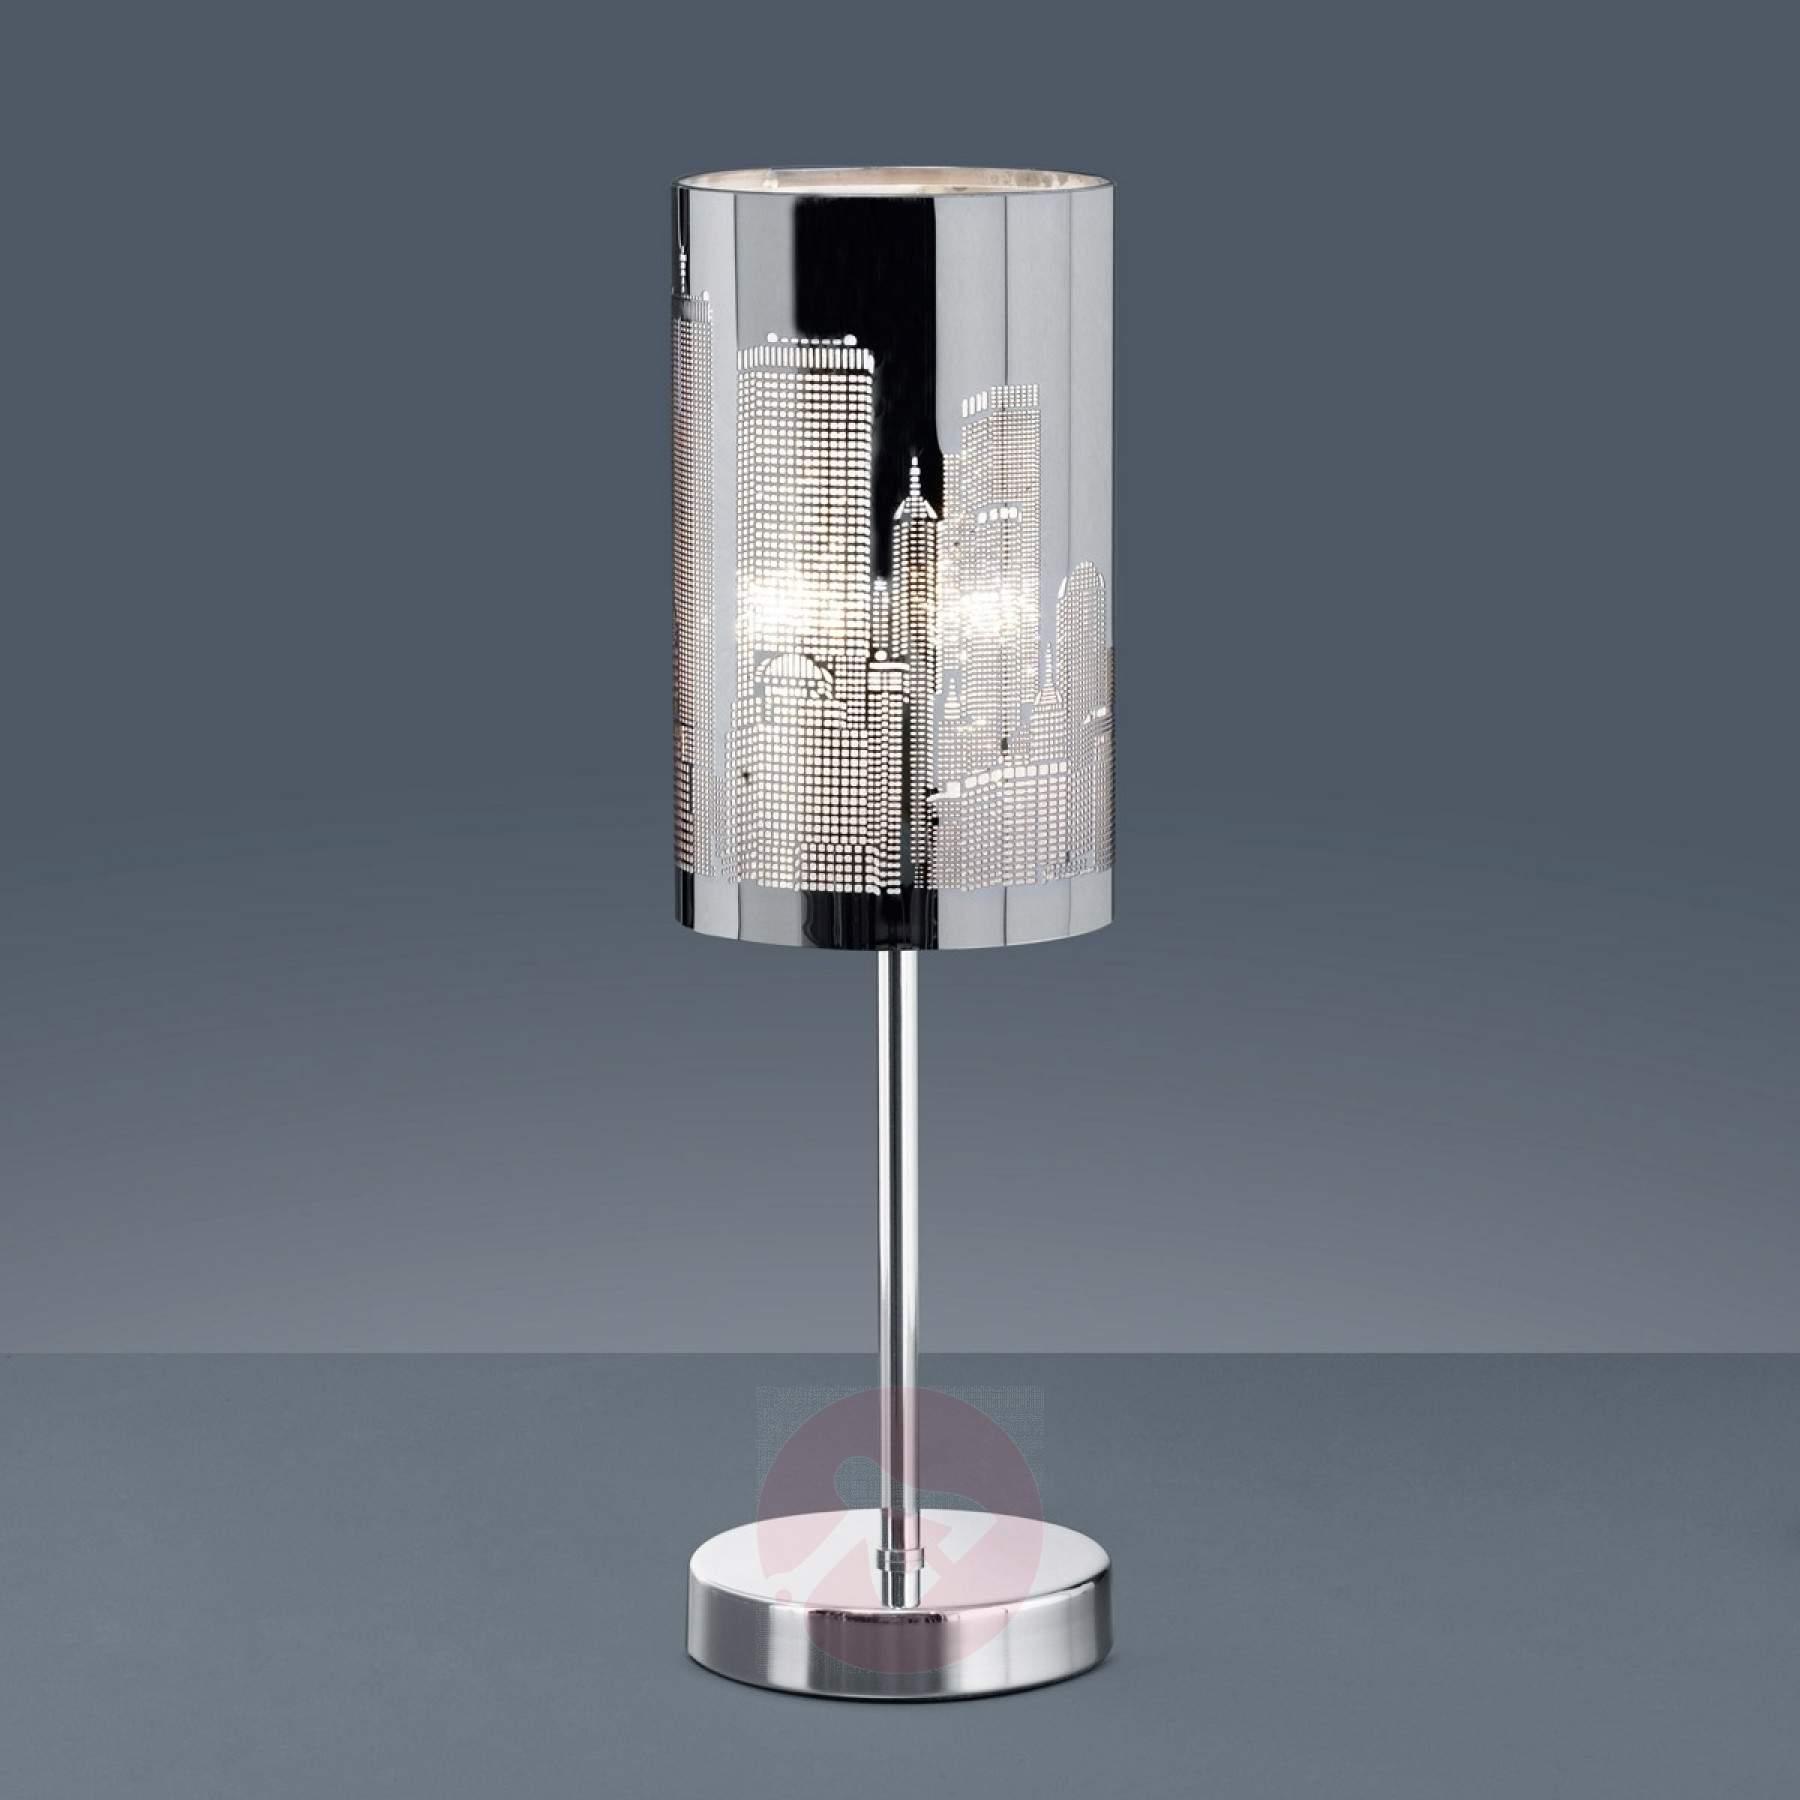 interrupteur lampe de chevet lumineux id e de luminaire et lampe maison